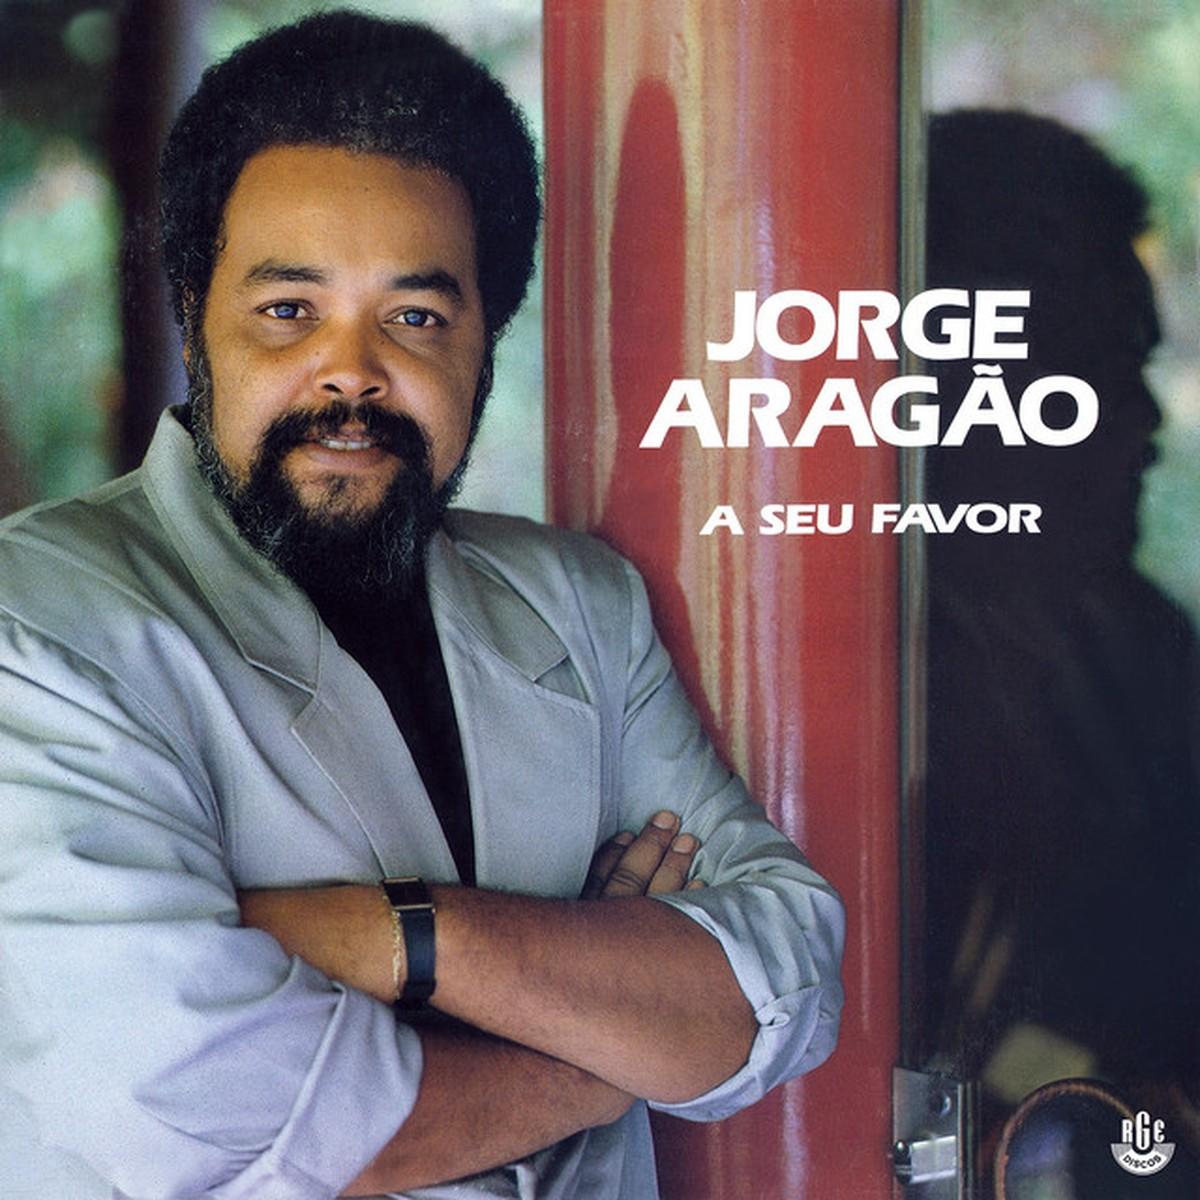 Discos para descobrir em casa – 'A seu favor', Jorge Aragão, 1990   Blog do Mauro Ferreira